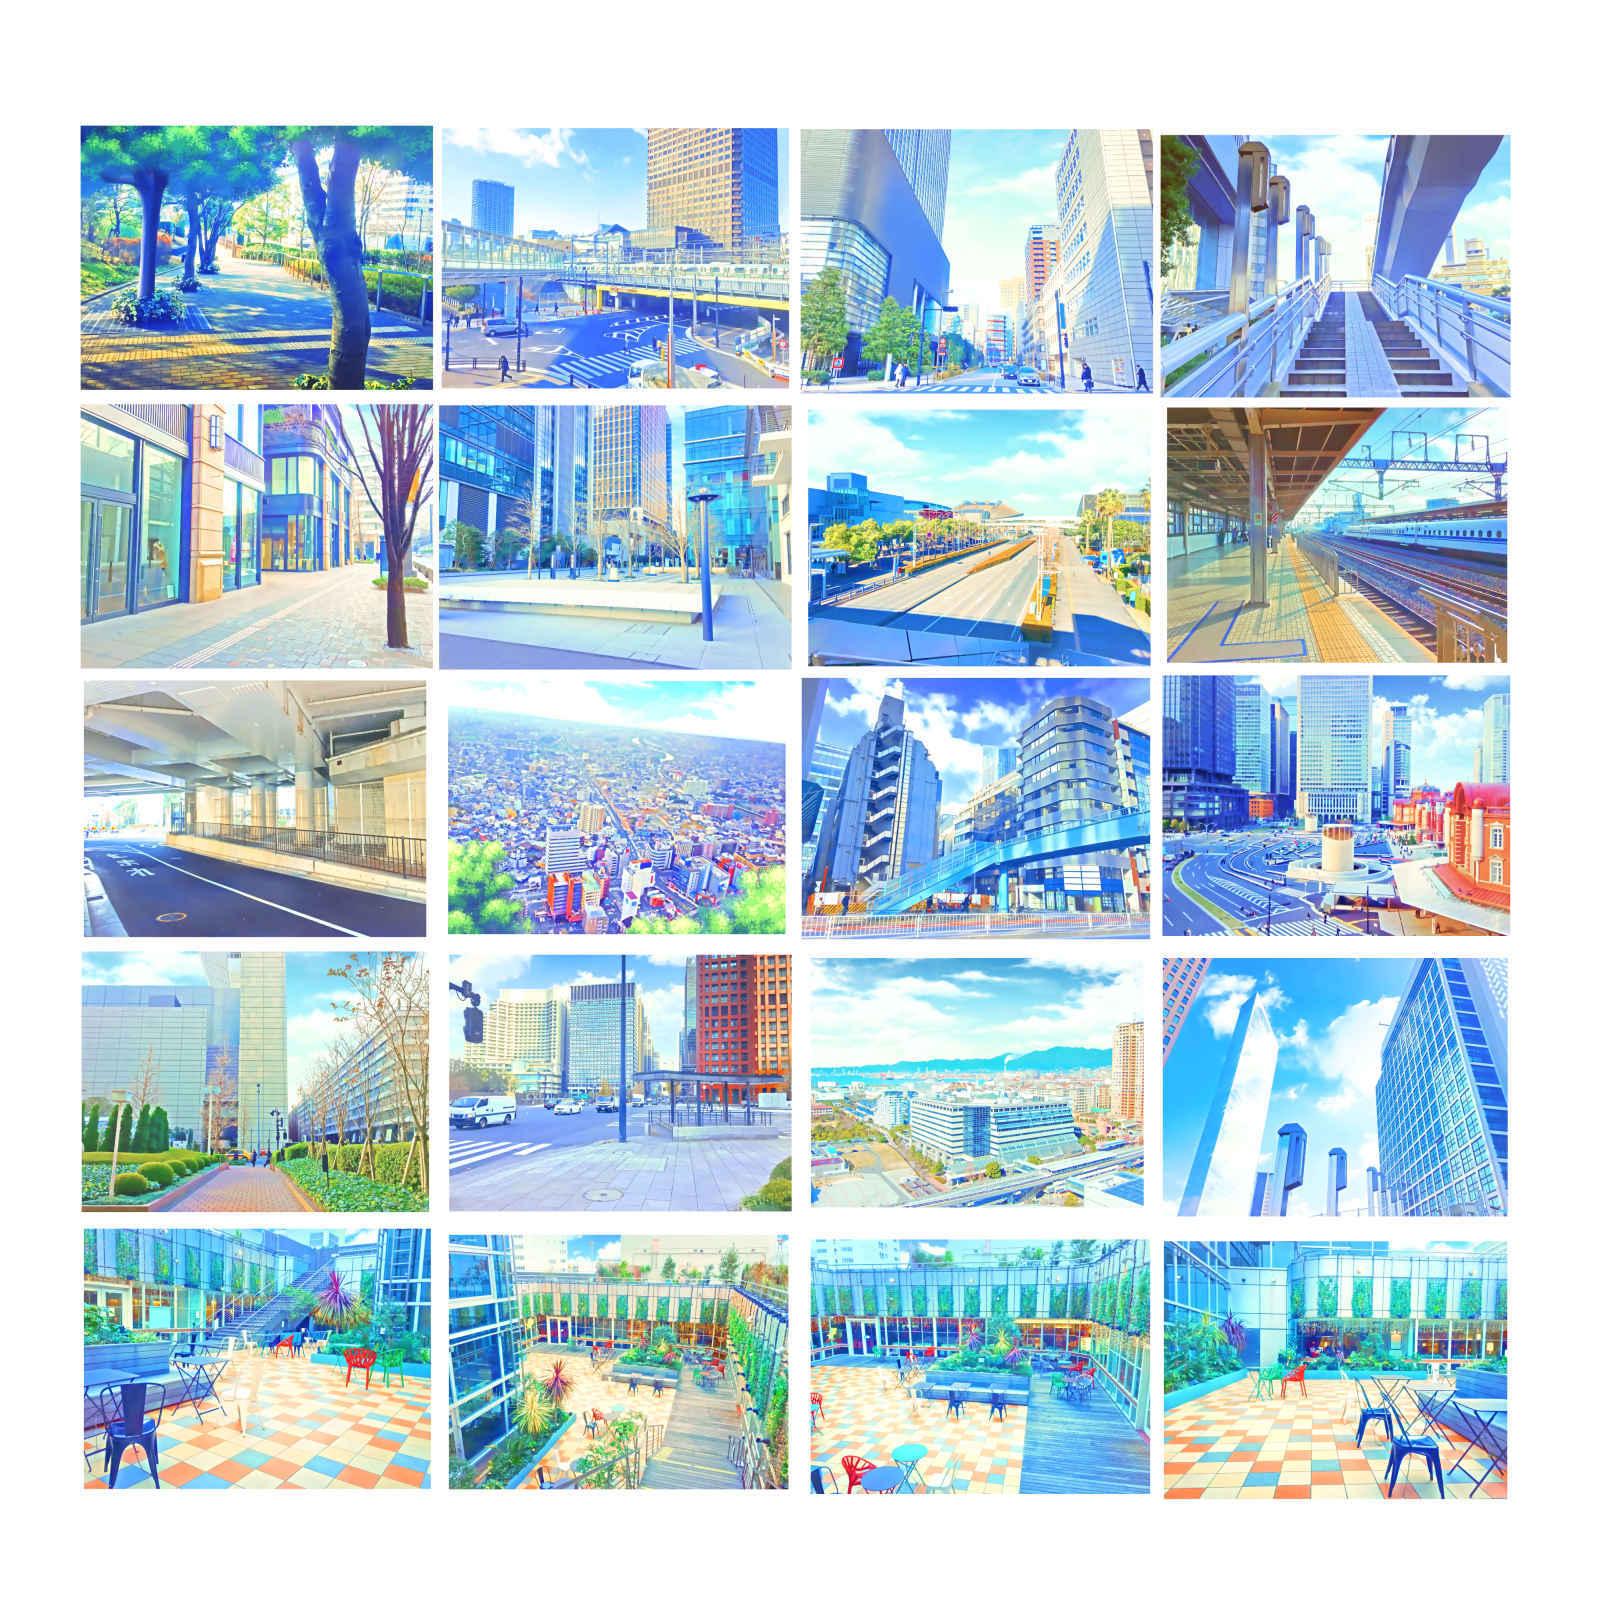 イラスト風&水彩風背景素材集 都会の背景シリーズb - yakumoreo